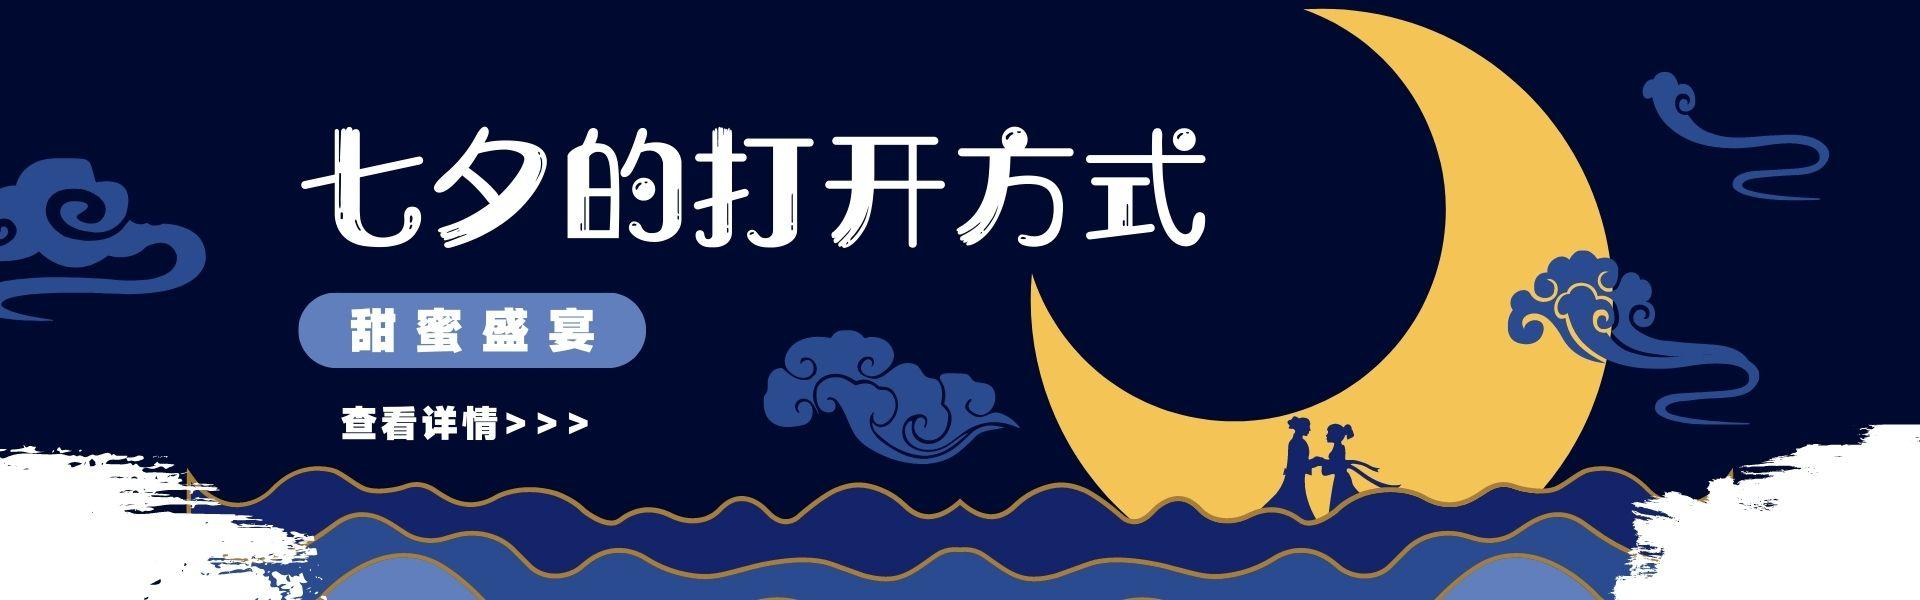 七夕电商Banner